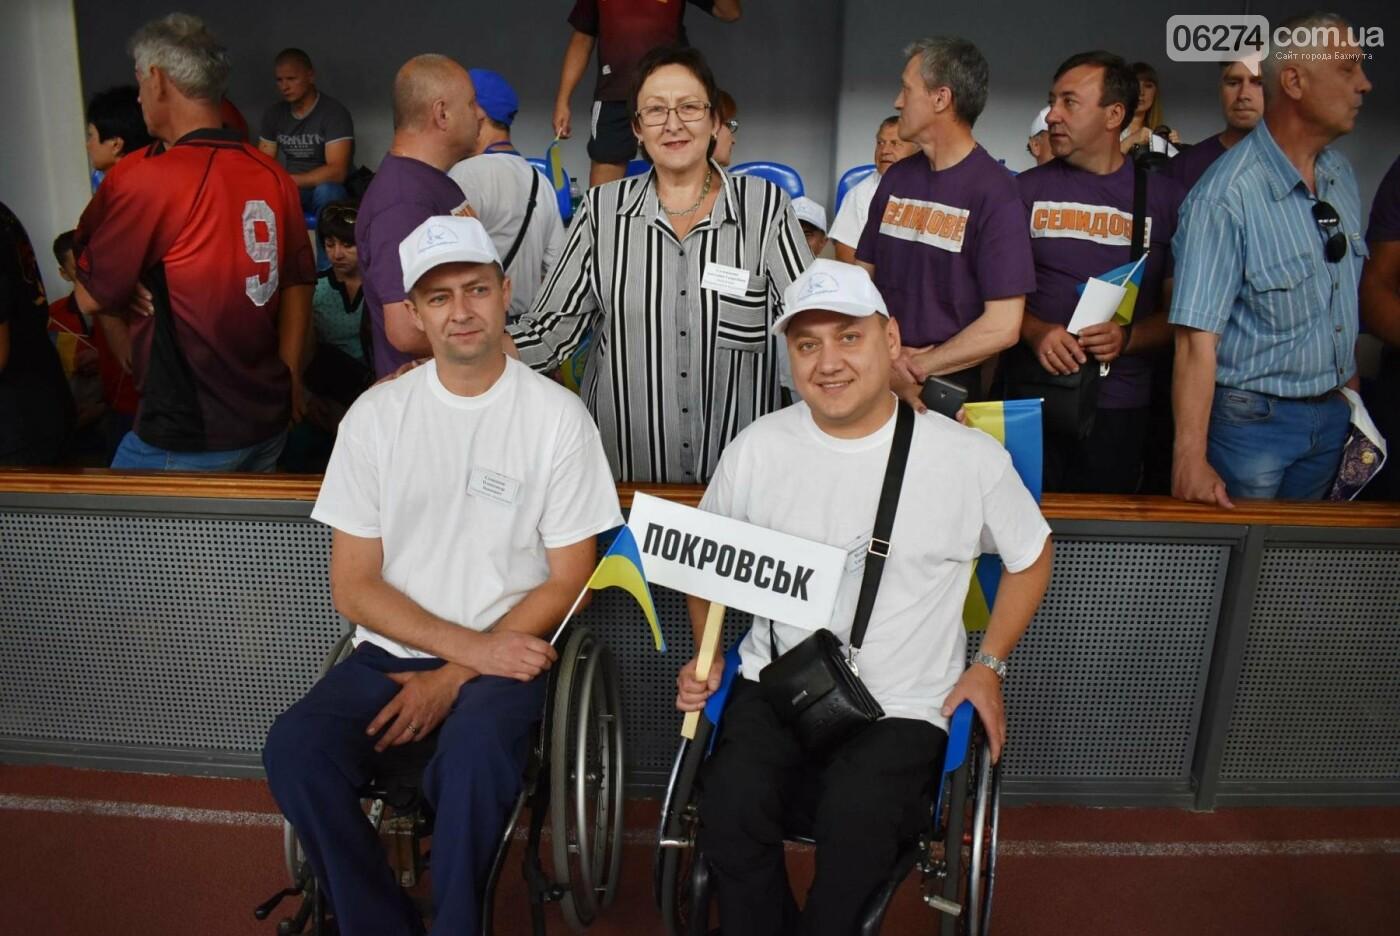 Бахмут четвертый раз принял всеукраинскую спартакиаду «Сила духа», фото-8